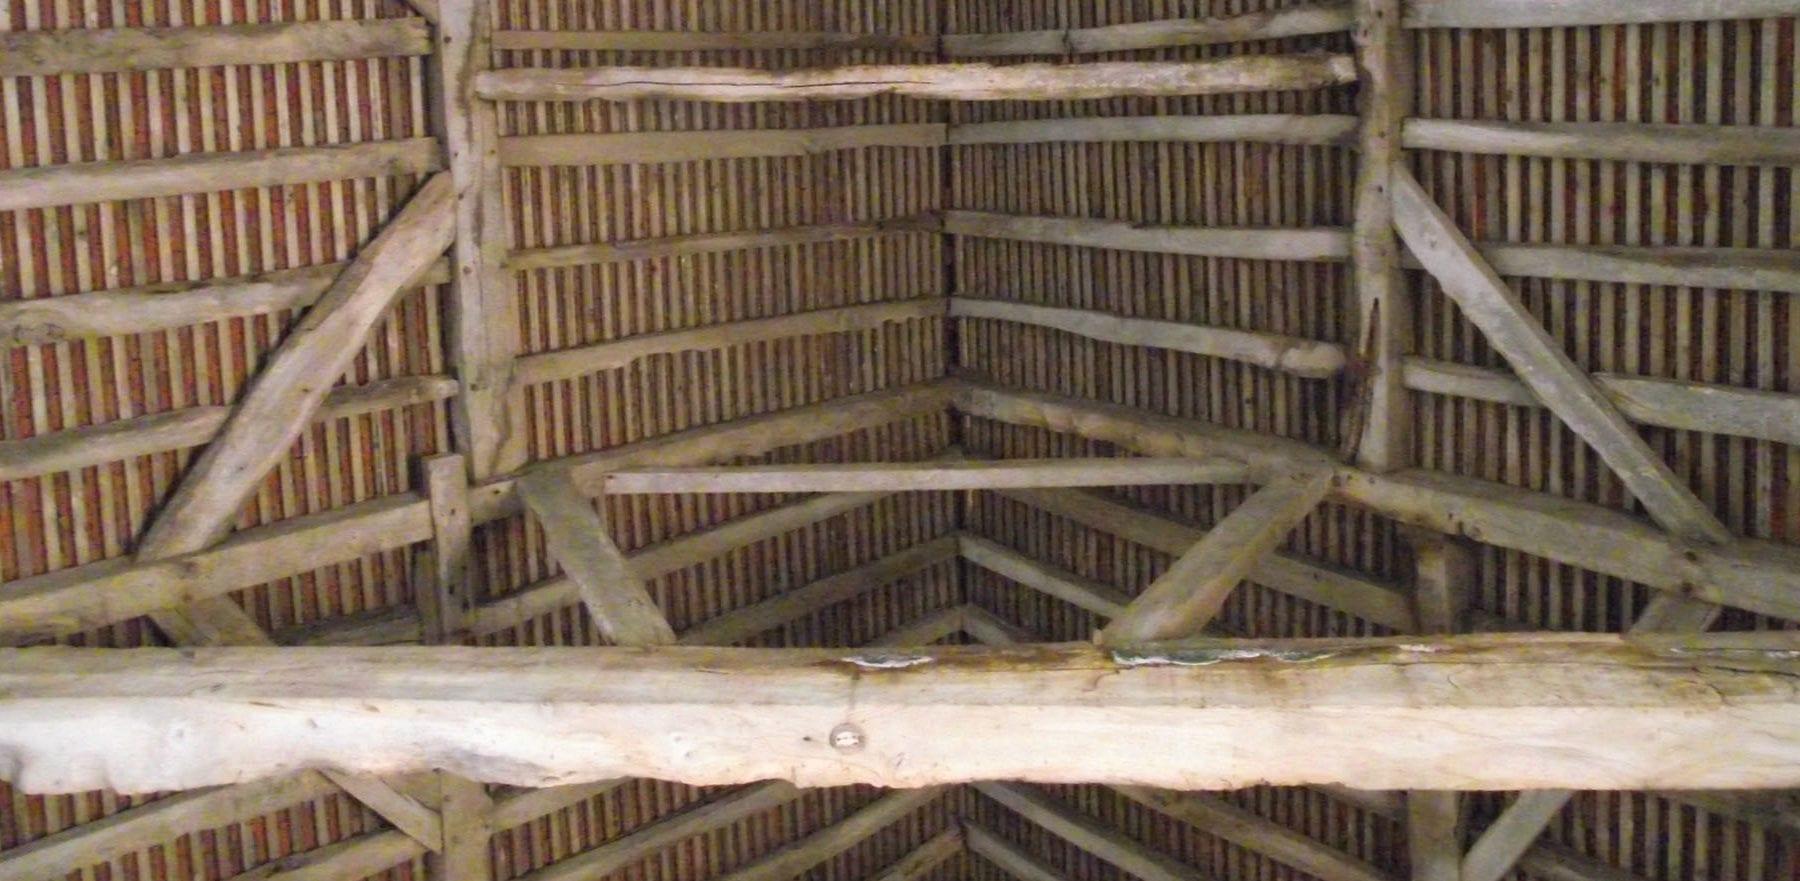 Lifestiles - Handmade Bespoke Clay Roof Tiles - Pelsham Barns, England 6